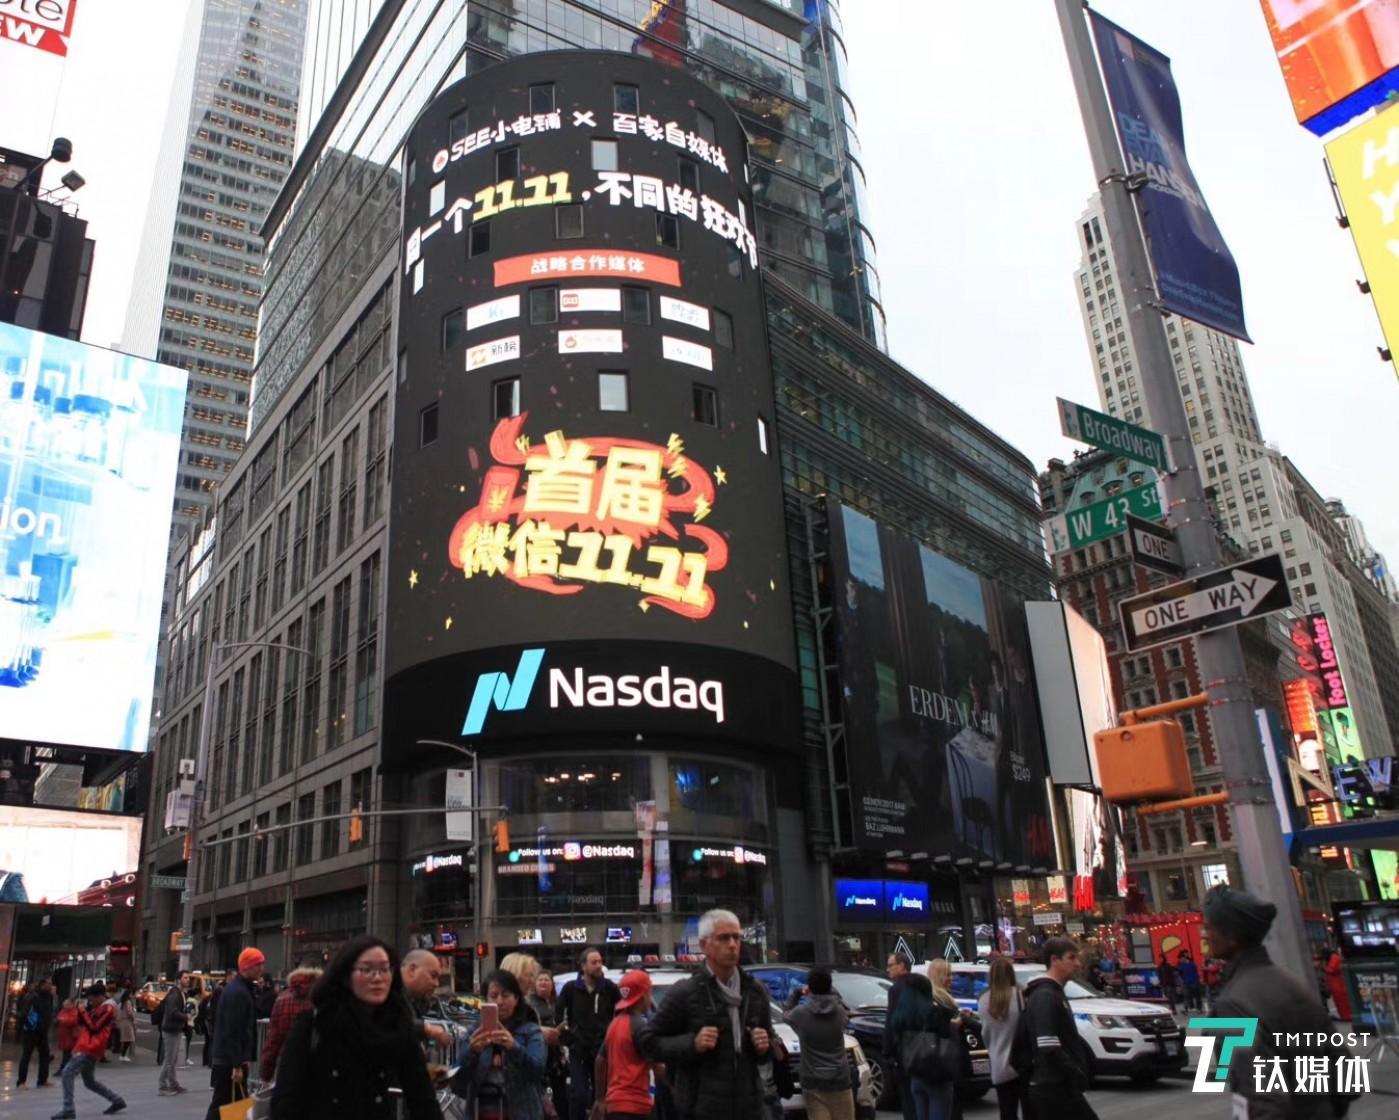 """为了增加首届""""微信11.11""""活动热度,SEE 在纽约纳斯达克广场等地花重金投放了广告。"""